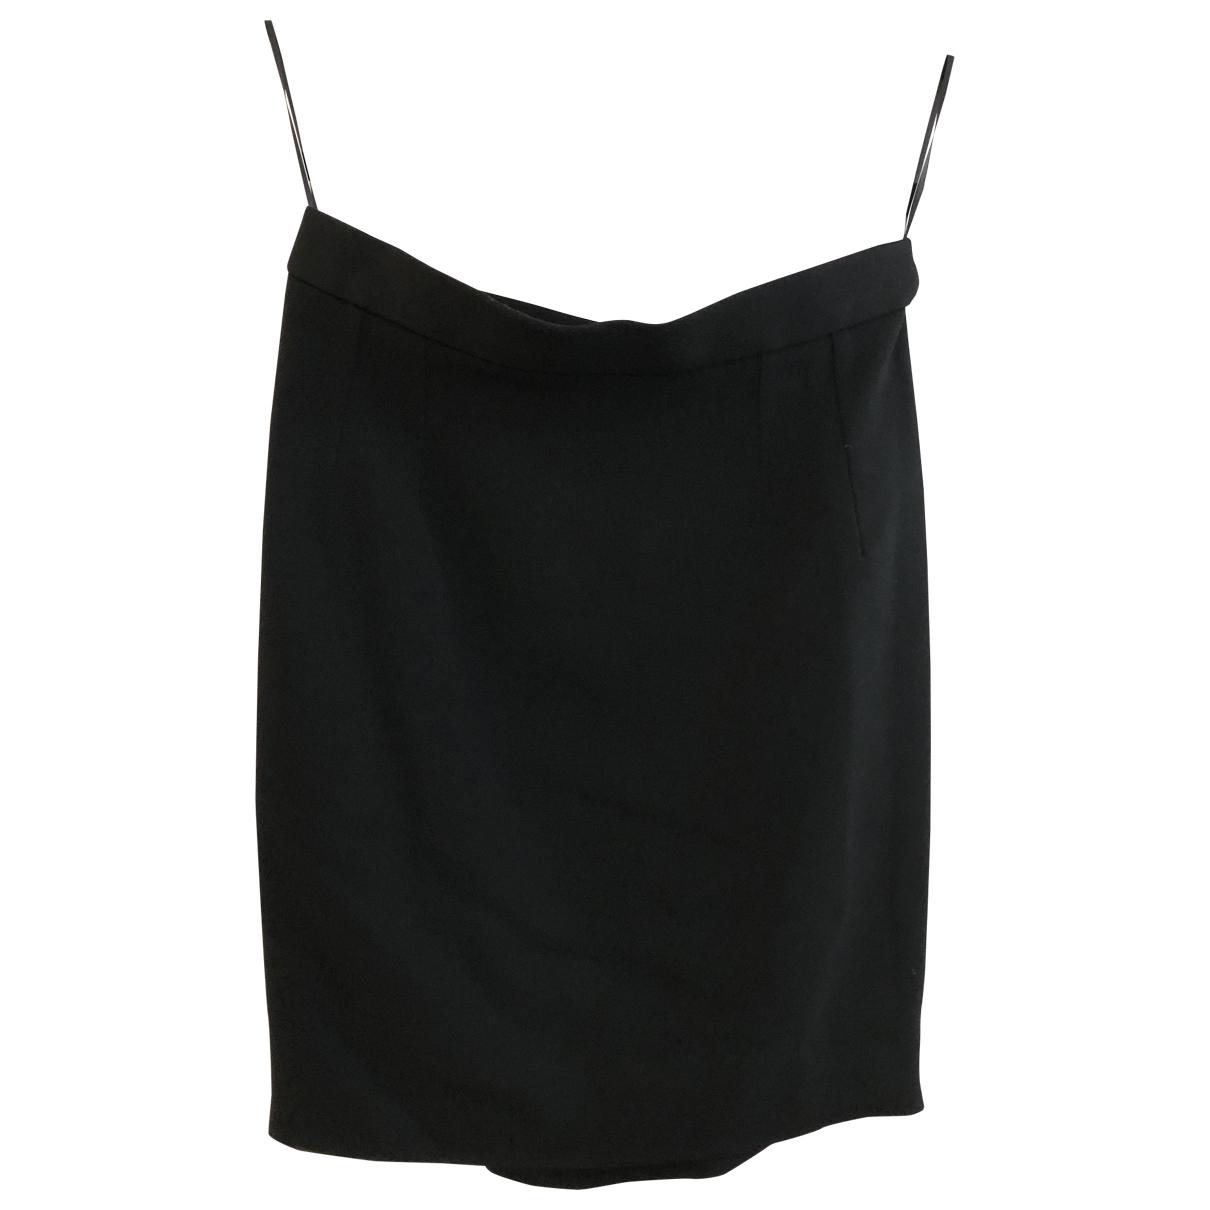 Dolce & Gabbana \N Black skirt for Women 36 IT